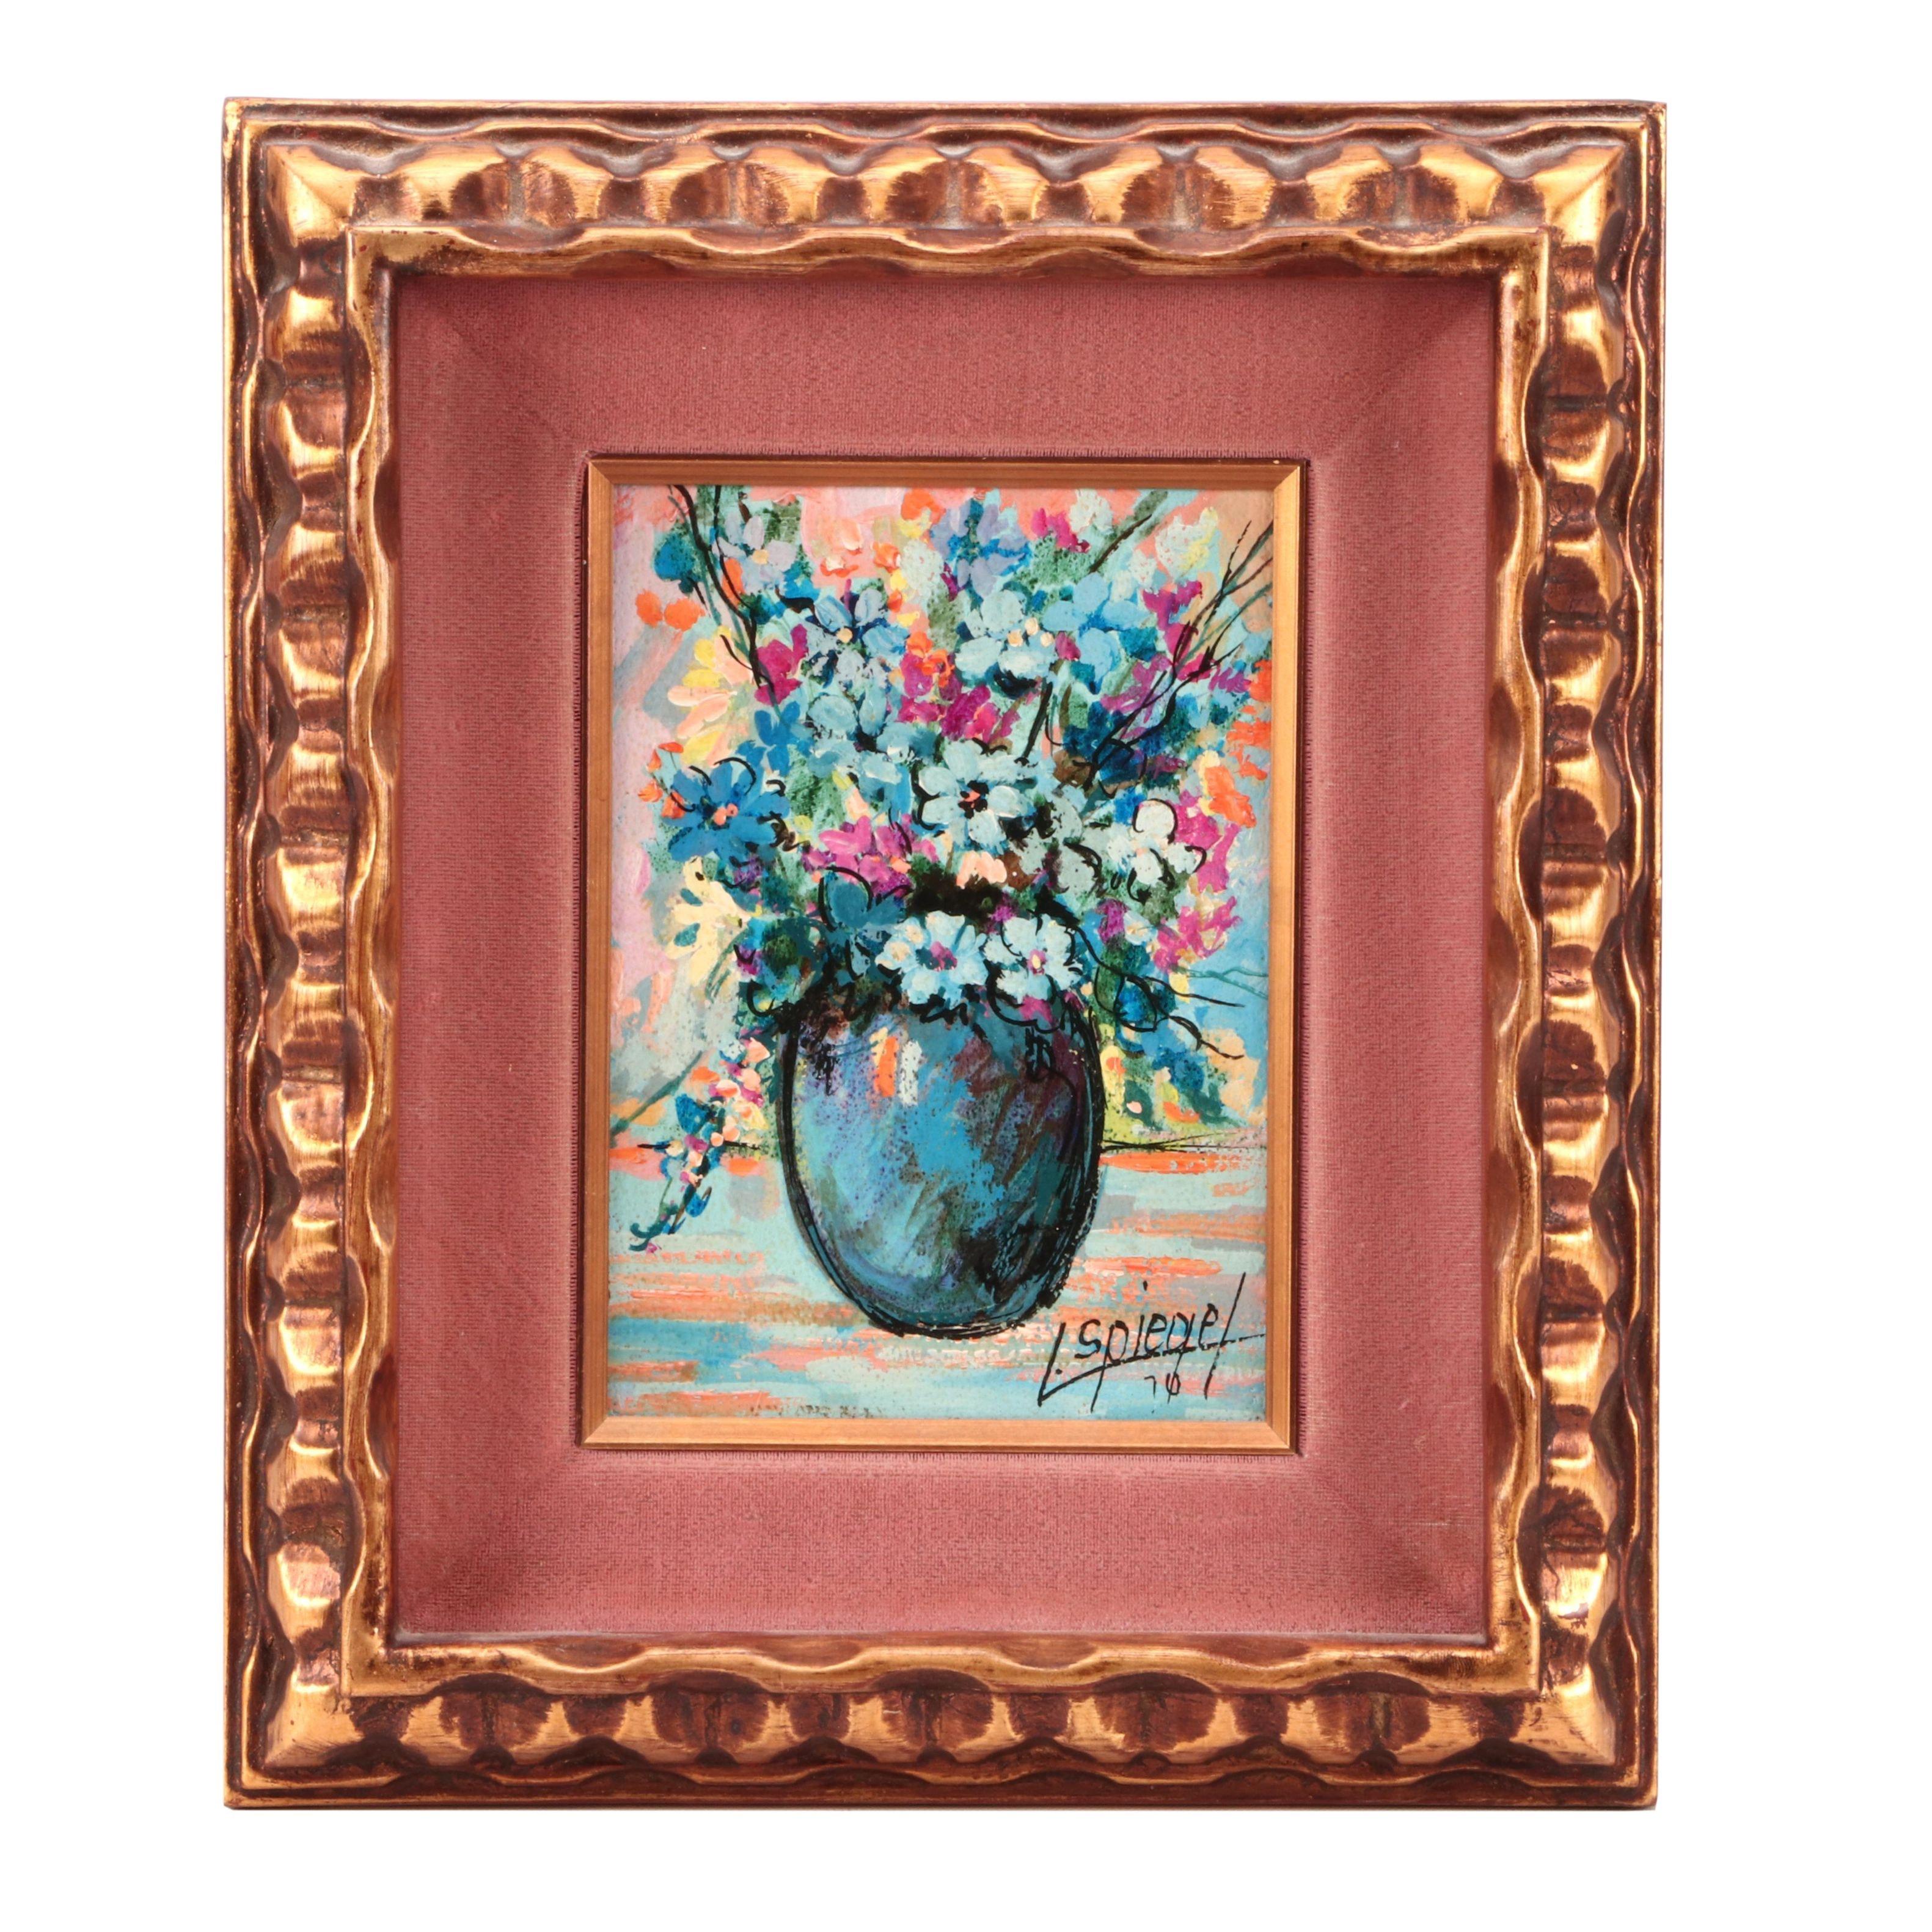 Louis Spiegel 1970 Floral Oil Painting